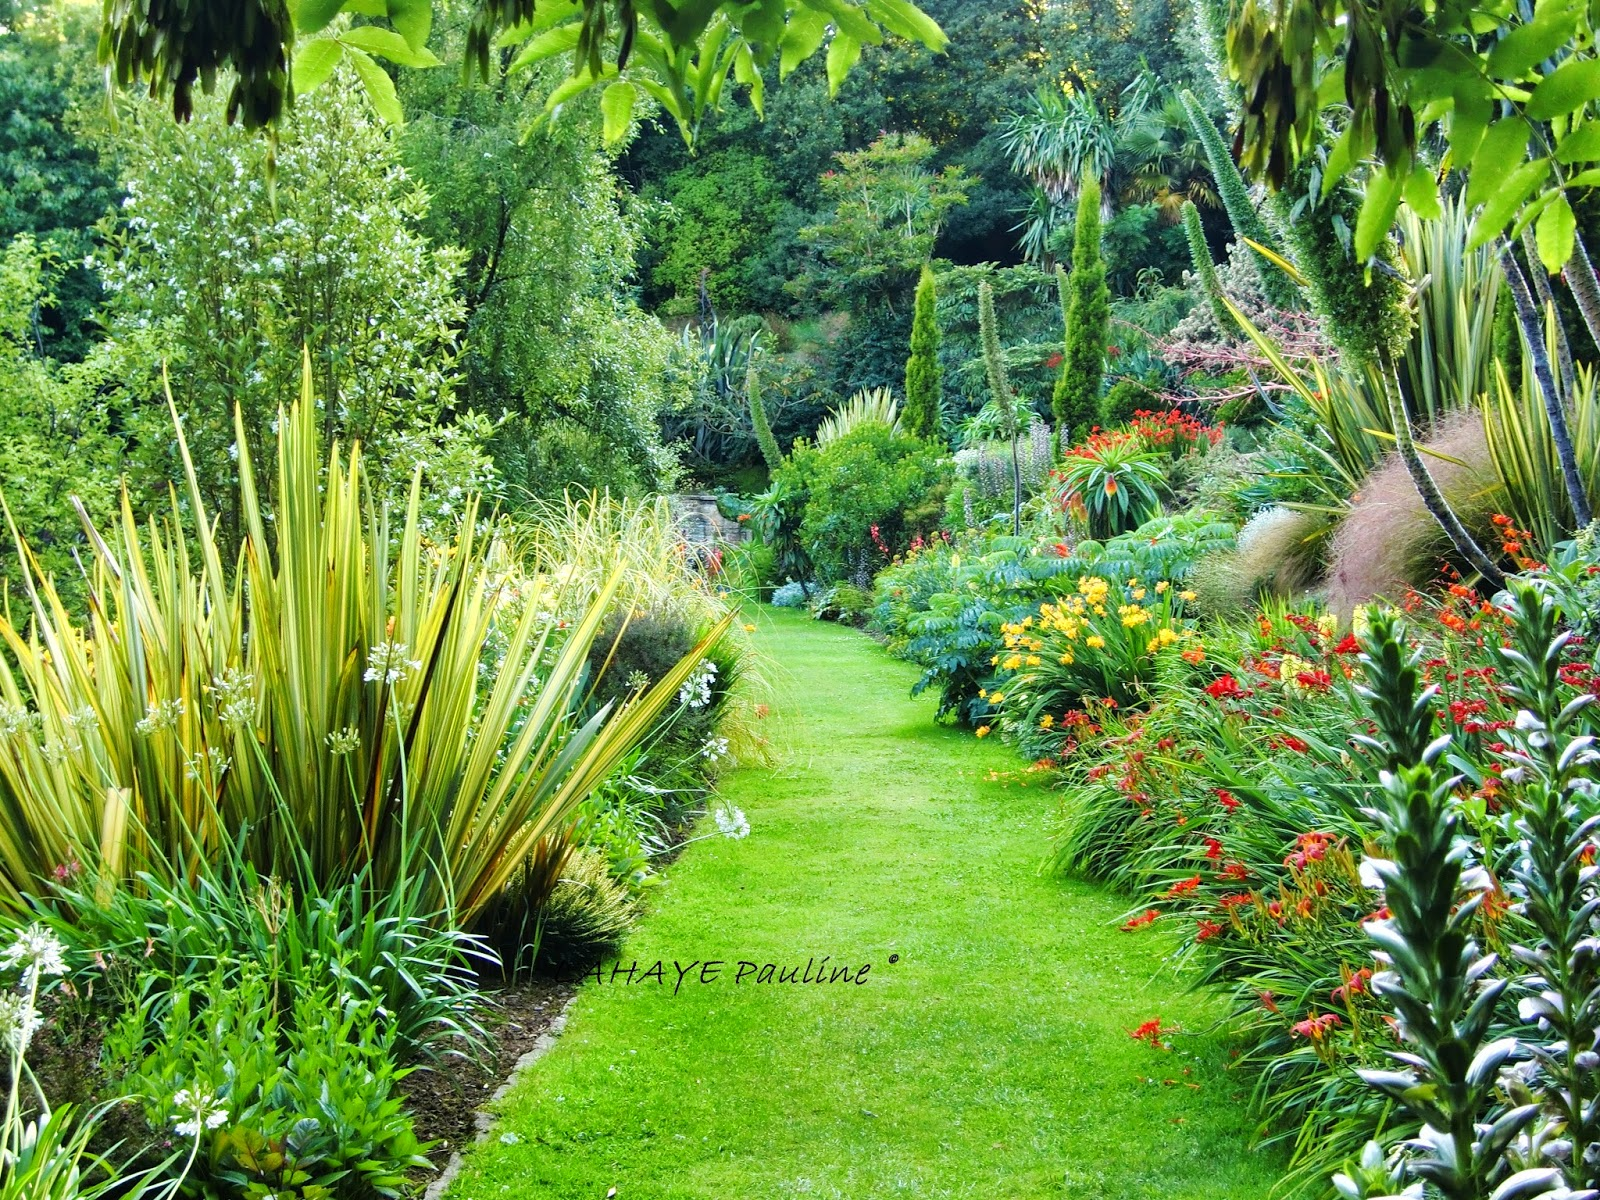 Les jardins de kerdalo for Le jardin des epilobes